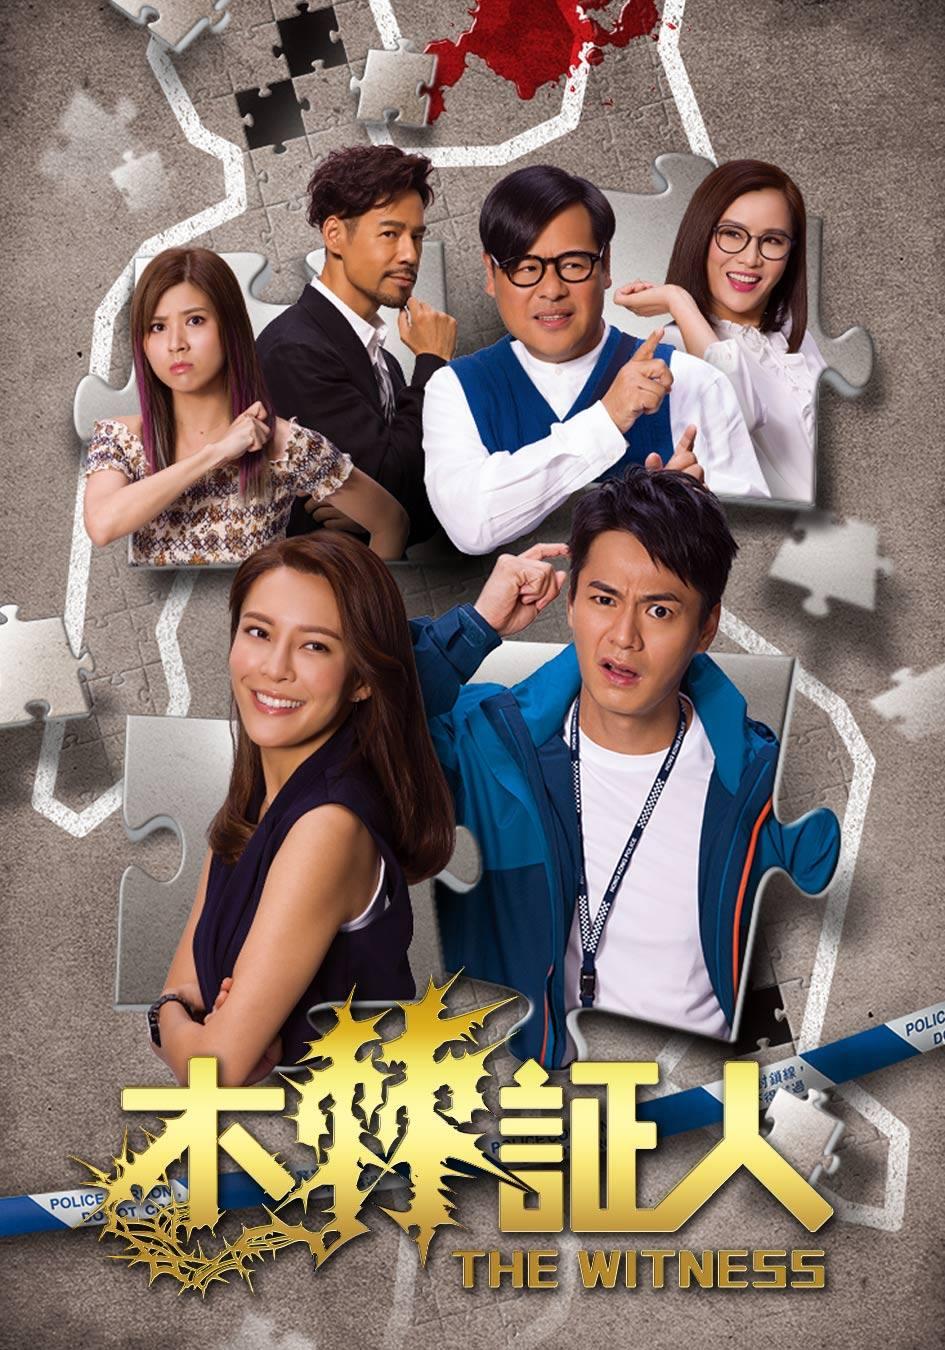 木棘证人 全20集 国粤双语 簡繁字幕 Jade The Witness Complete HDTV 1080i x264 2Audio-CHDHKTV